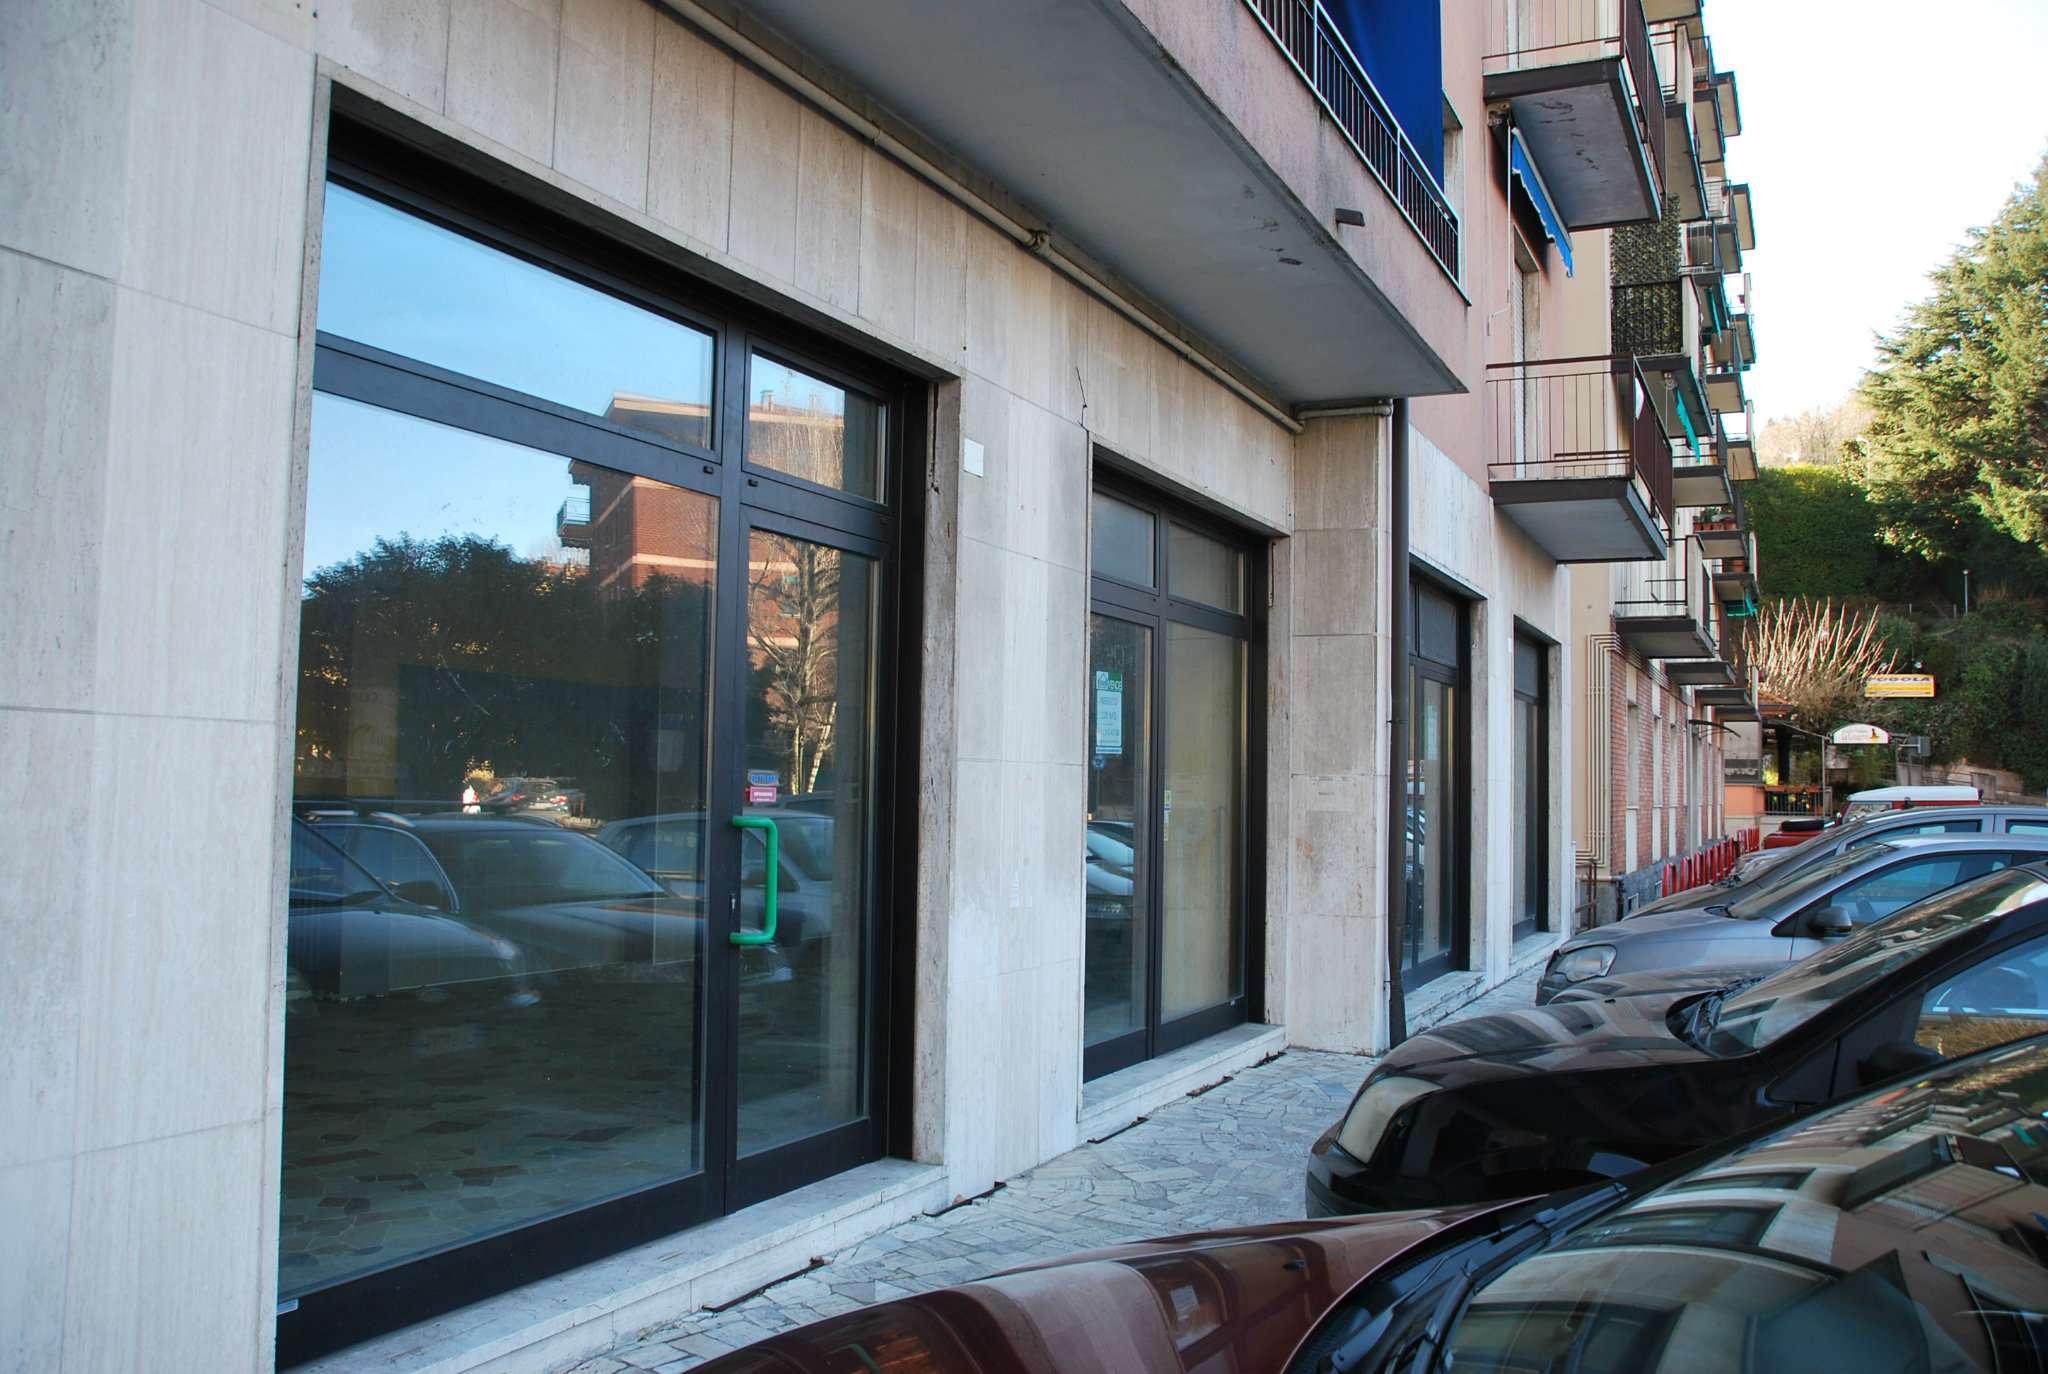 Negozio / Locale in vendita a Laveno-Mombello, 4 locali, prezzo € 149.000 | CambioCasa.it